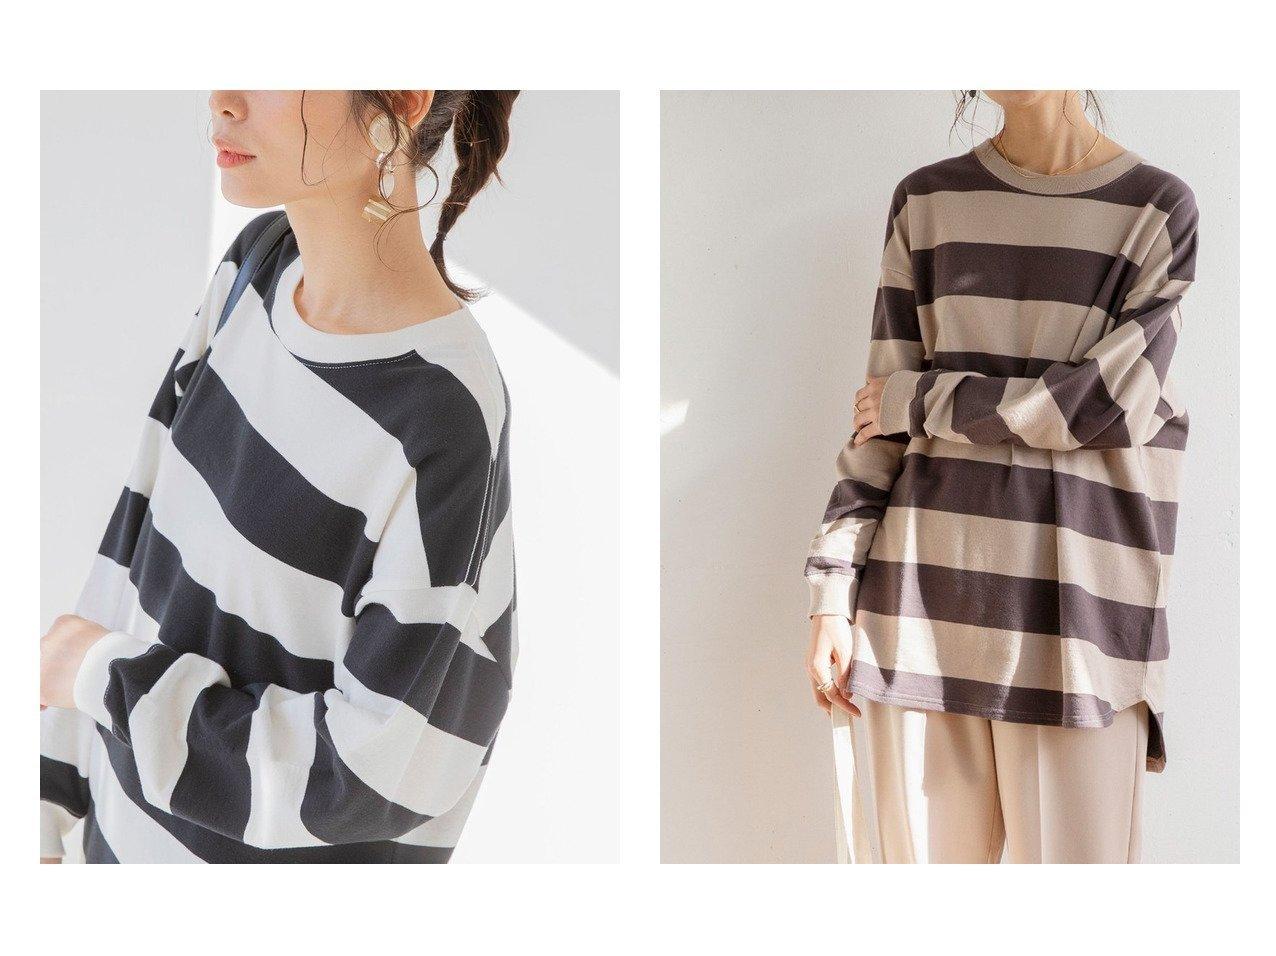 【COEN/コーエン】のUSAコットンオーバーサイズインレイワイドボーダーTシャツ# 【プチプライス】おすすめ!人気トレンド・ファッション通販 おすすめで人気の流行・トレンド、ファッションの通販商品 メンズファッション・キッズファッション・インテリア・家具・レディースファッション・服の通販 founy(ファニー) https://founy.com/ ファッション Fashion レディースファッション WOMEN トップス・カットソー Tops/Tshirt シャツ/ブラウス Shirts/Blouses ロング / Tシャツ T-Shirts カットソー Cut and Sewn インナー 春 Spring カットソー カーディガン とろみ トレンド 定番 Standard バランス ボーダー ポケット リラックス 2021年 2021 S/S・春夏 SS・Spring/Summer 2021春夏・S/S SS/Spring/Summer/2021 おすすめ Recommend  ID:crp329100000035666